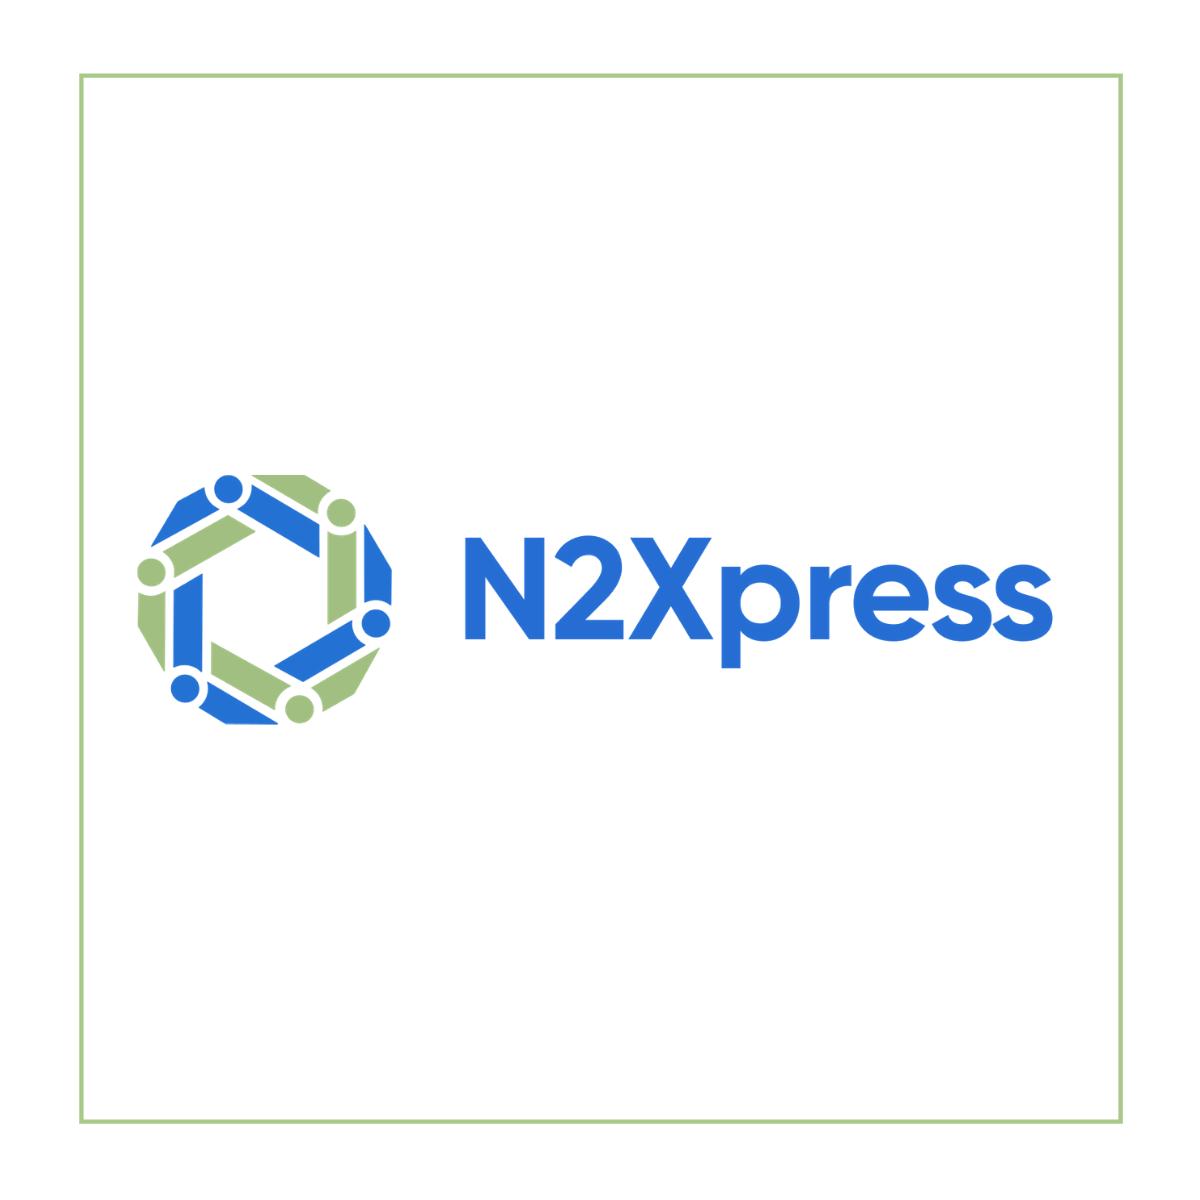 N2Xpress Money Transfer Review